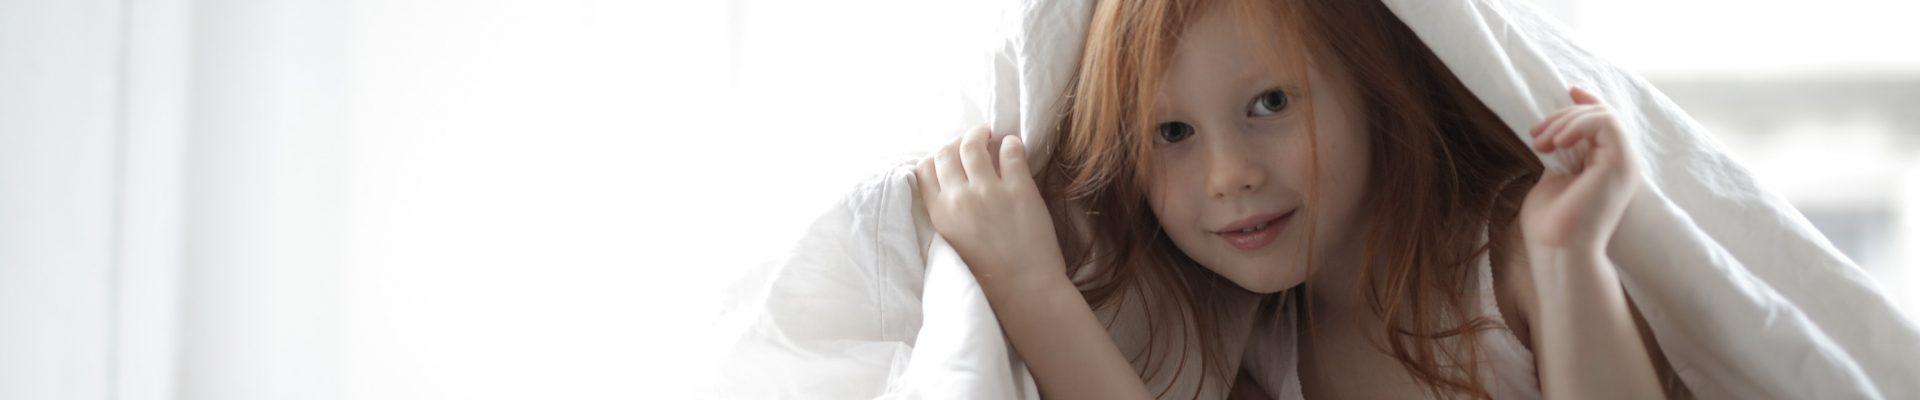 Petite fille qui se cache sous sa couette de lit